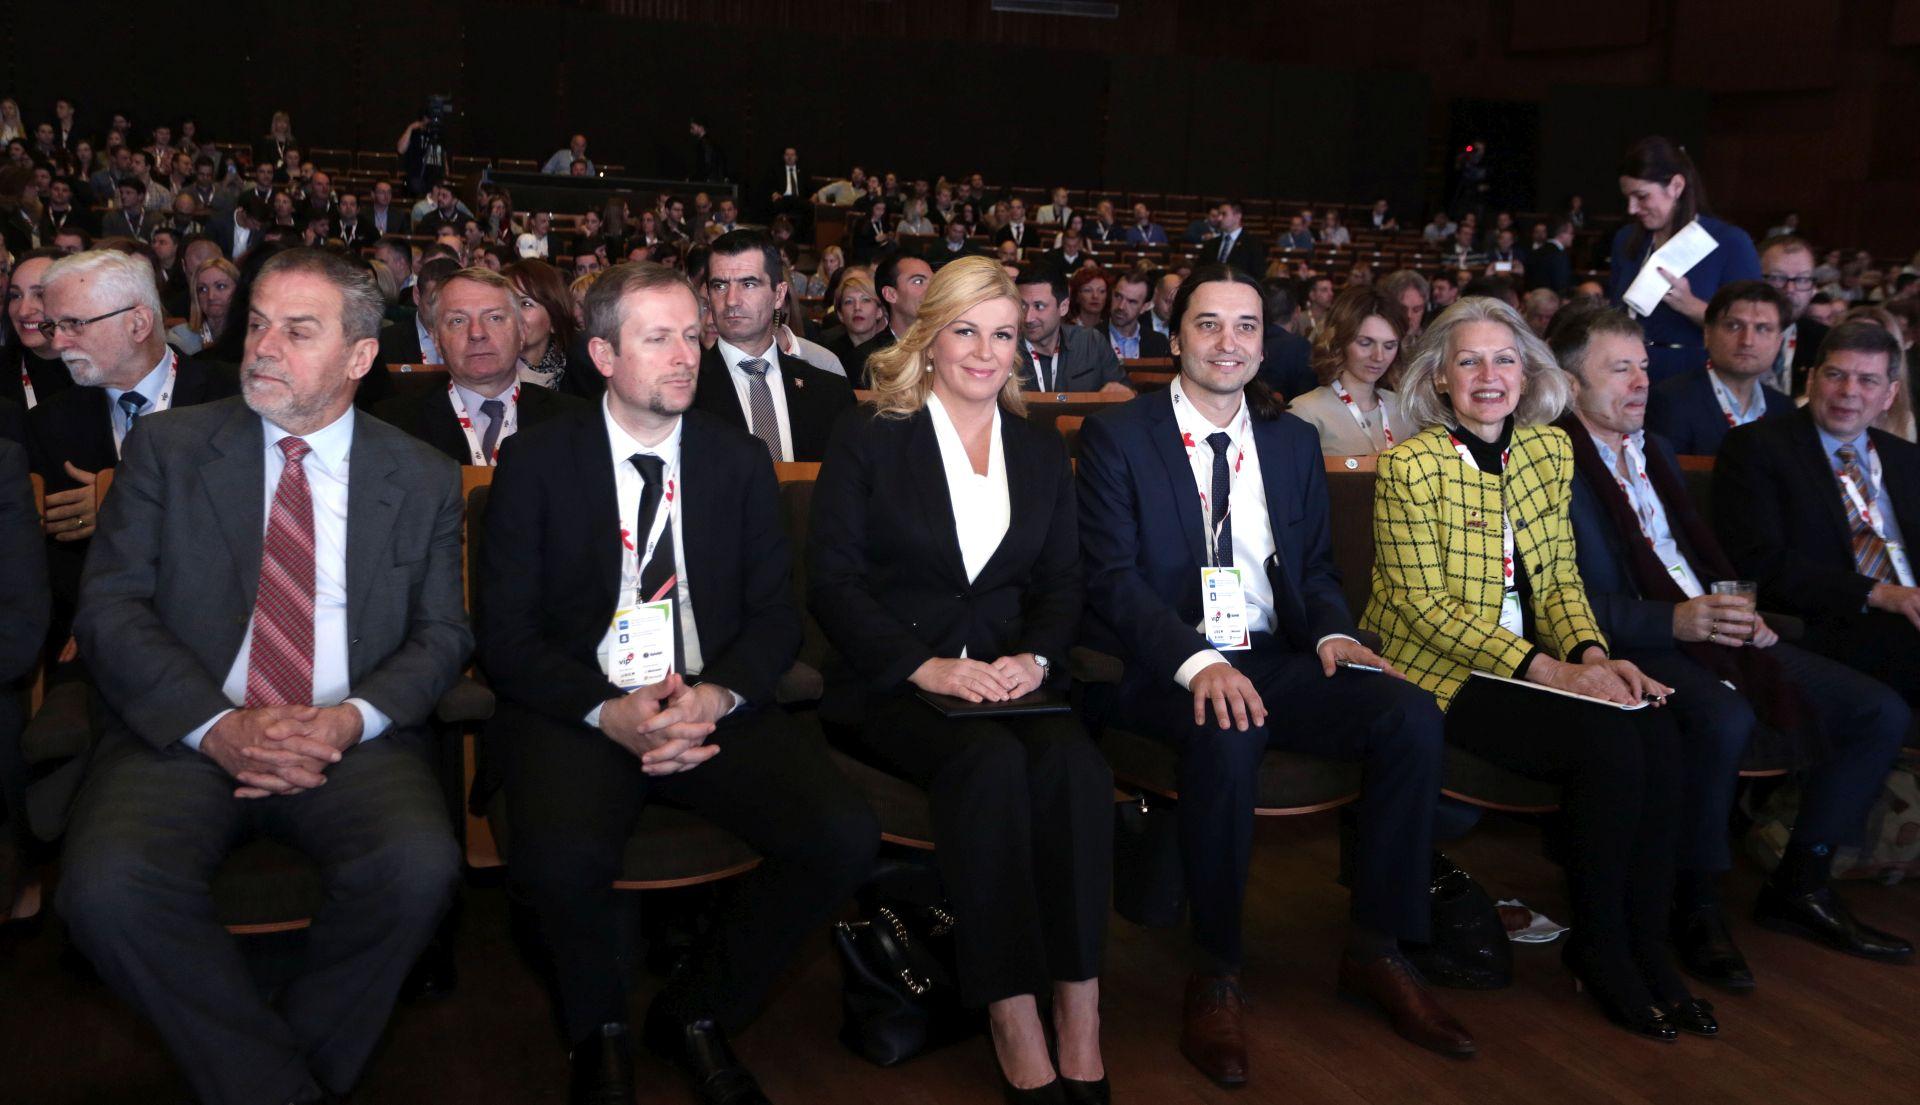 GRABAR-KITAROVIĆ: Hrvatska spremna sudjelovati u europskom poduzetničkom sustavu